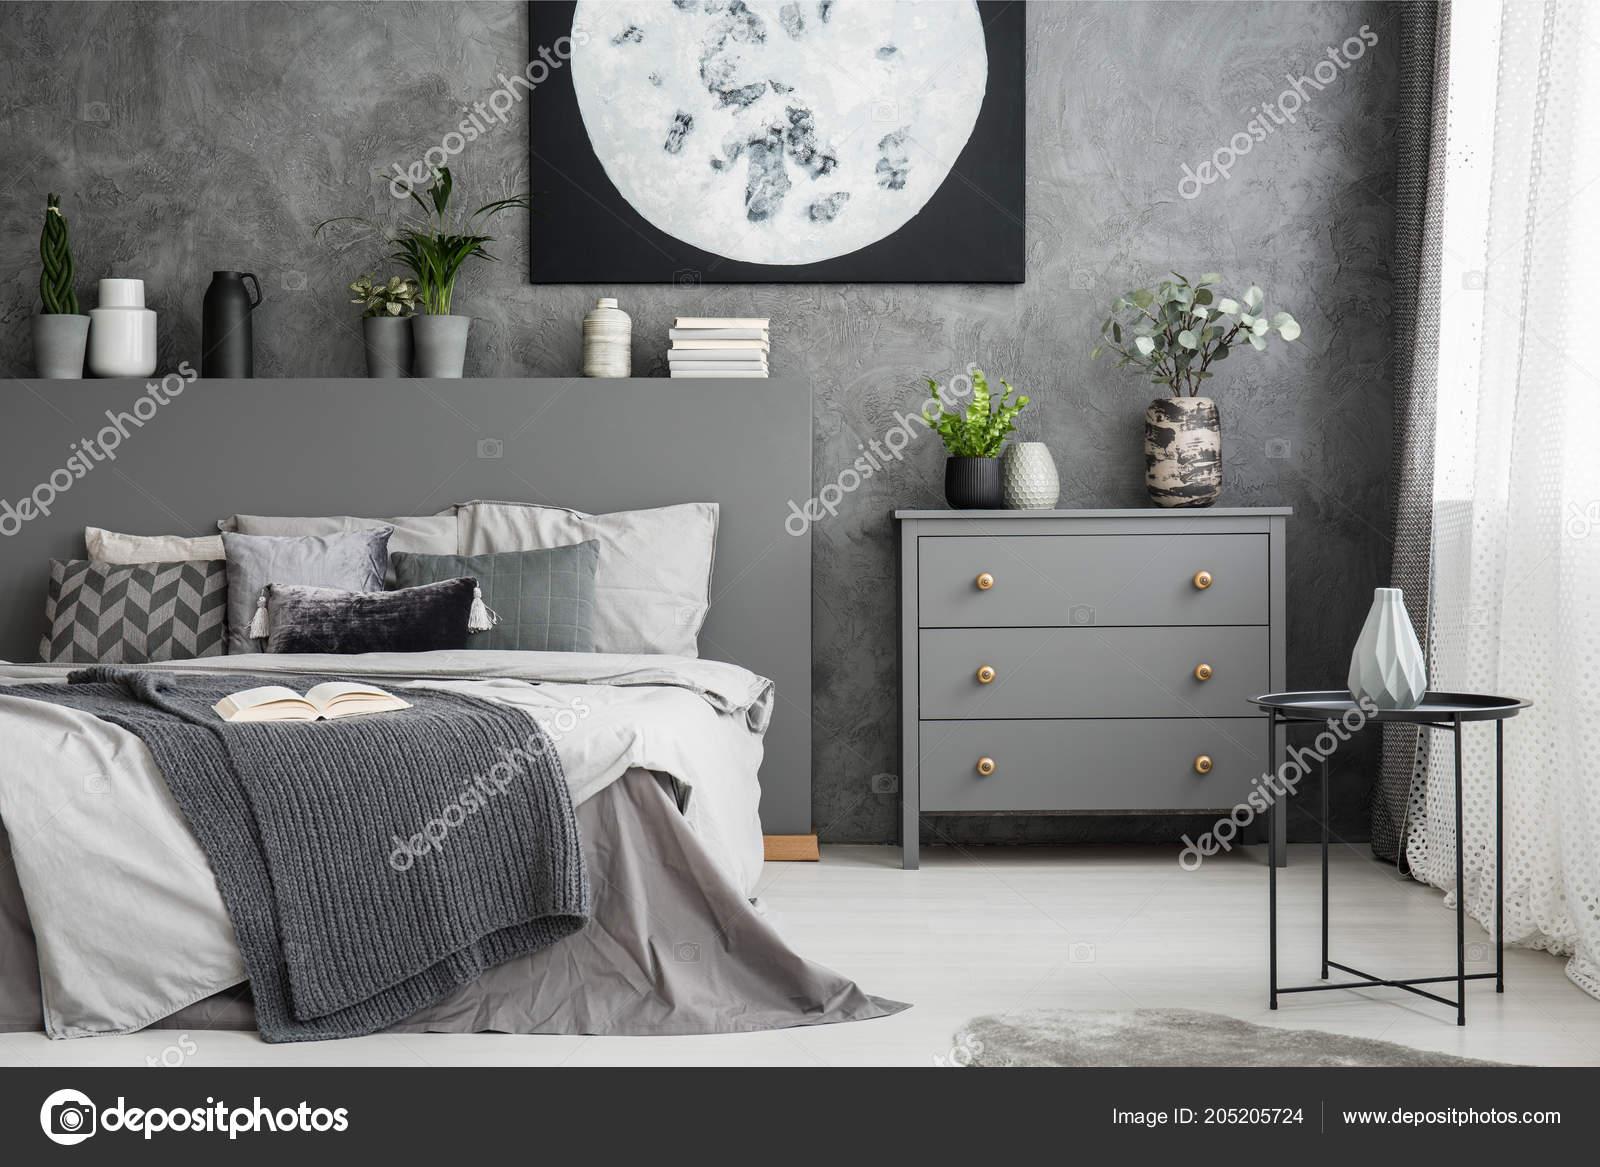 Monochromatyczny Sypialnia Szary Wnętrze łóżka Pościel